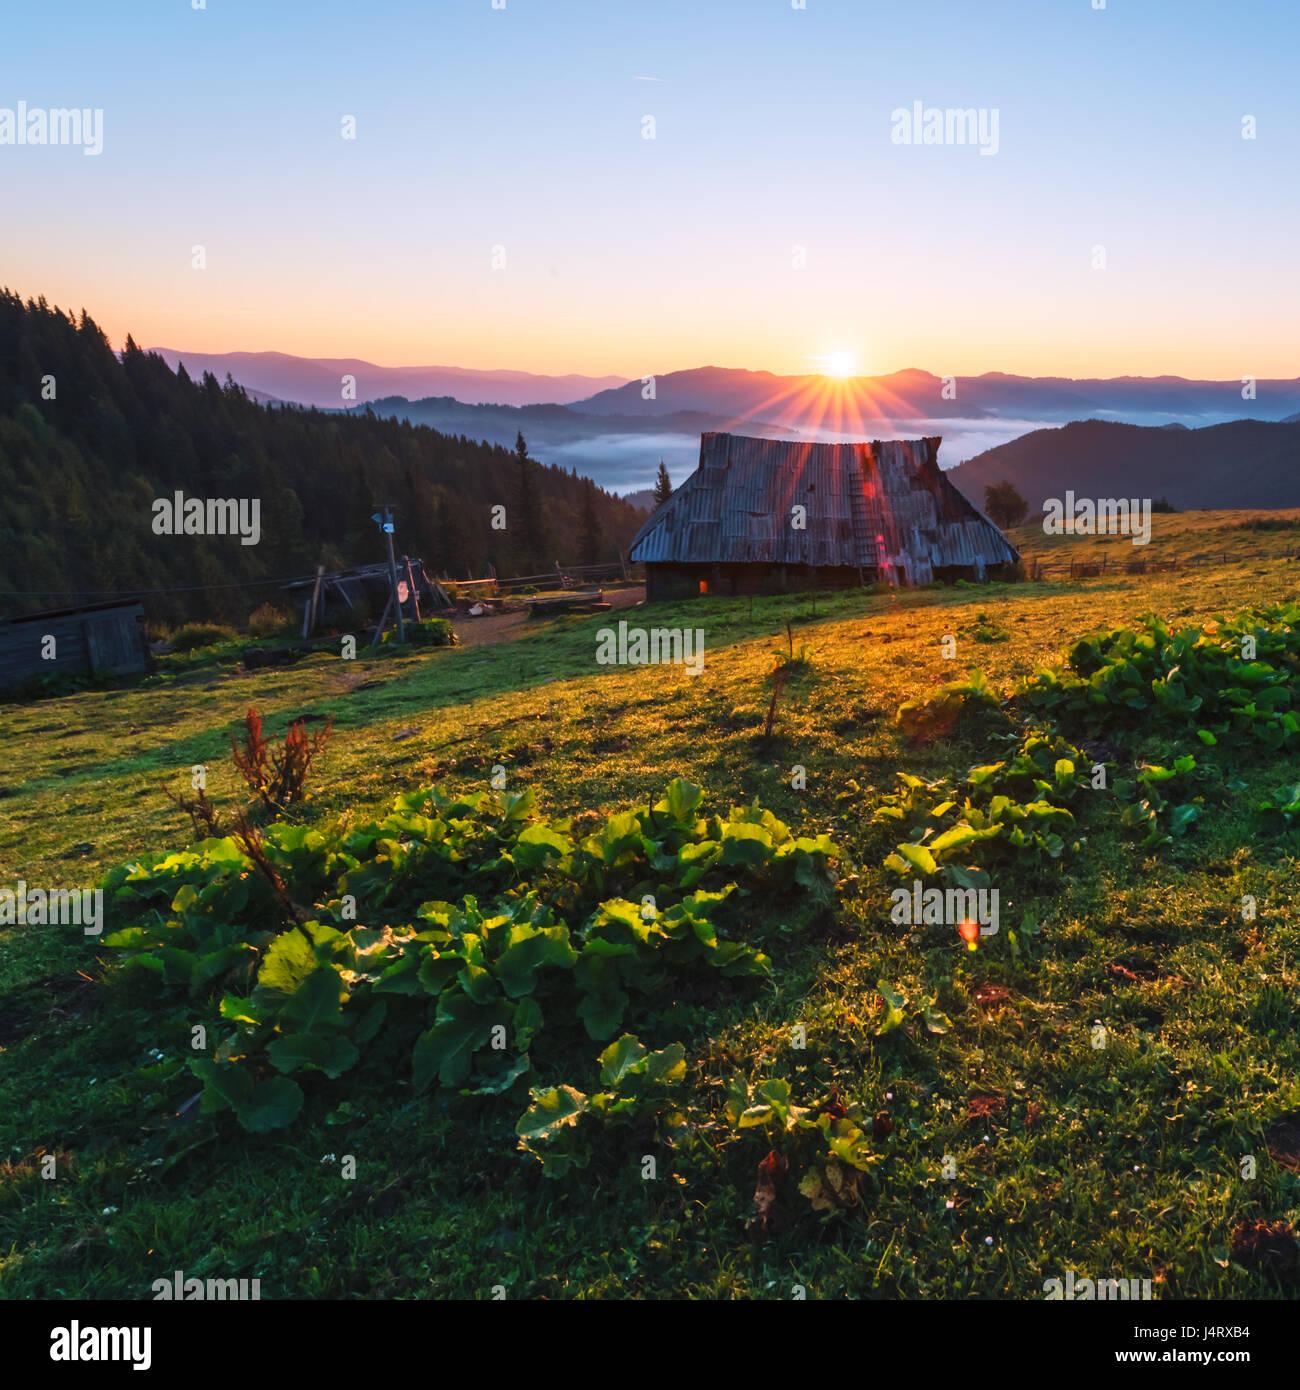 Pastore casa in alta montagna. Sunrice arancione incandescente dalla luce del sole. Orario estivo in highland Immagini Stock